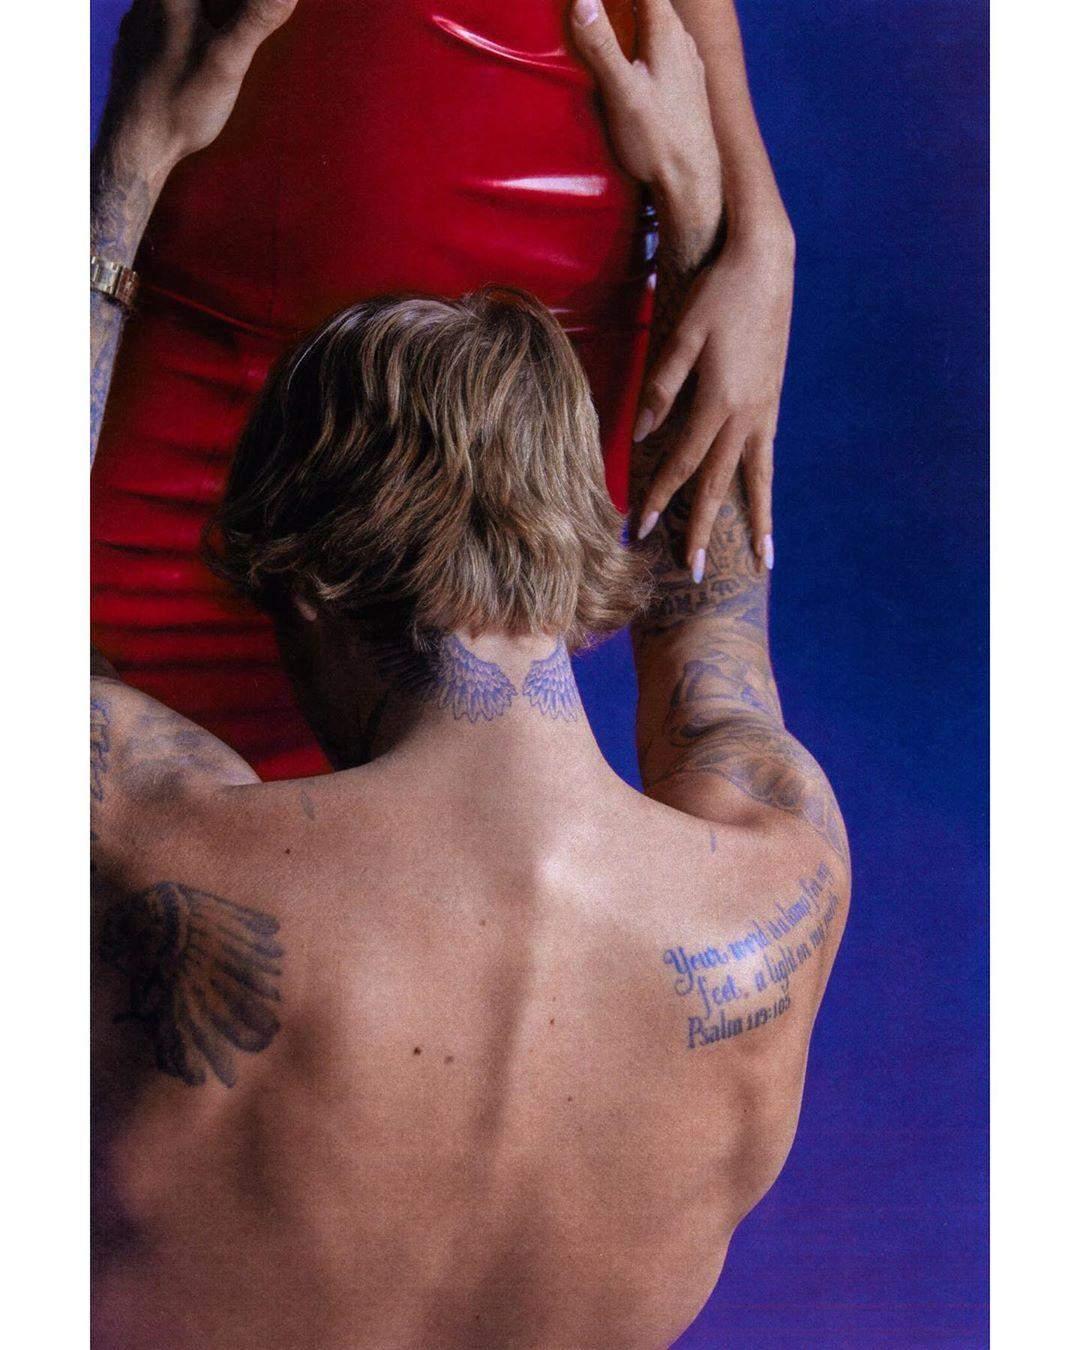 Джастін Бібер з дружиною Гейлі Болдвін для Vogue